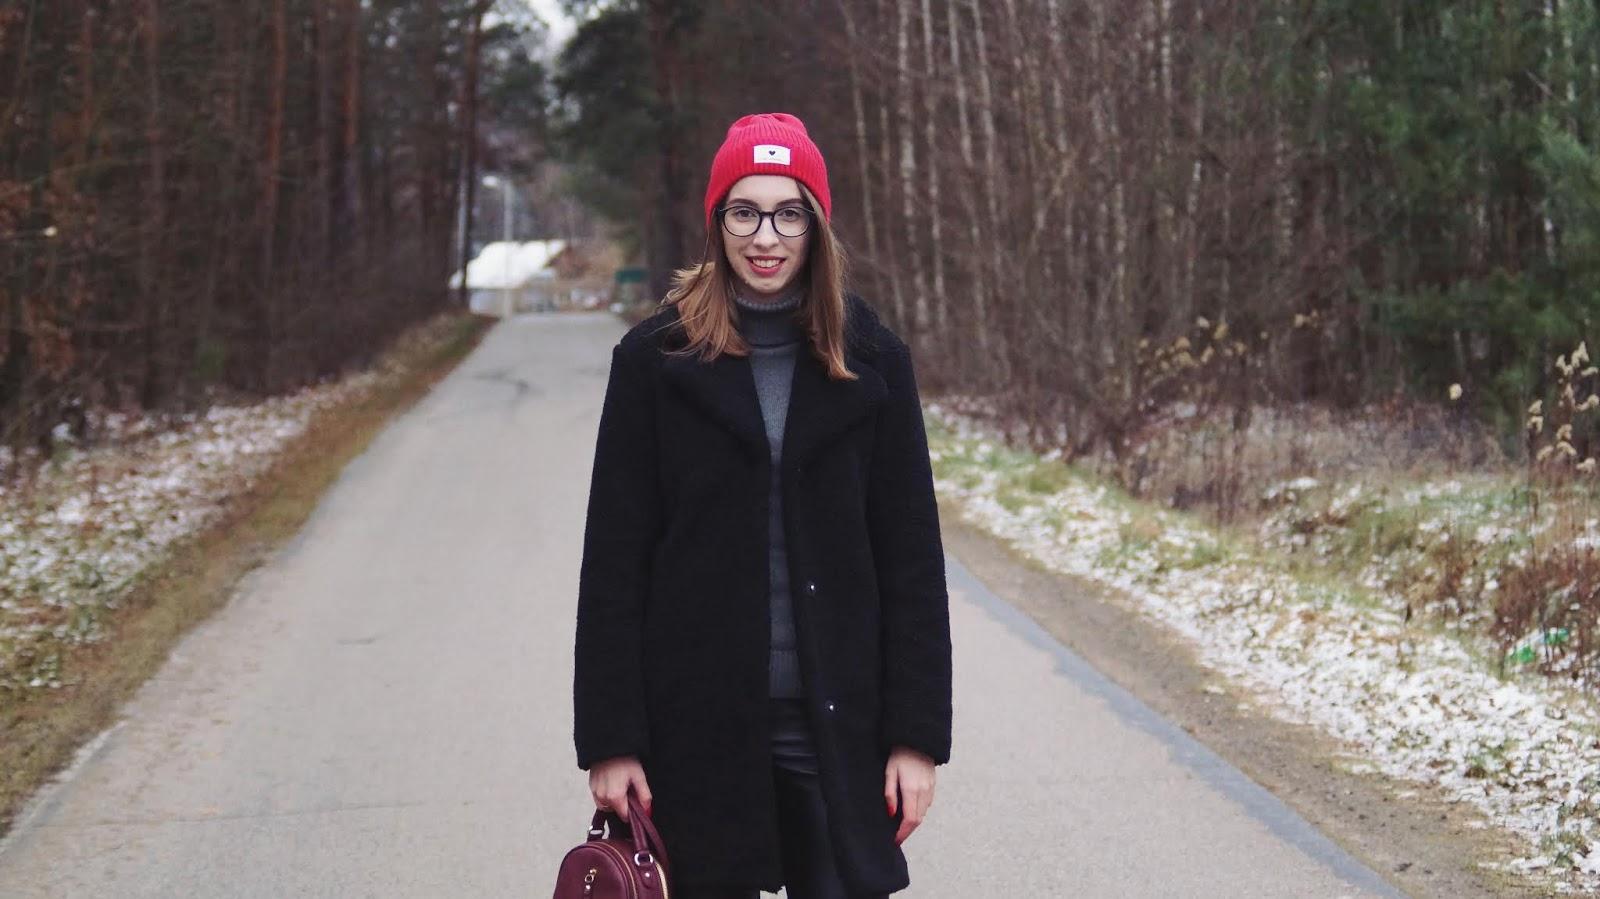 Good days are coming - zimowa stylizacja z barankiem Bonprix i czerwoną czapką